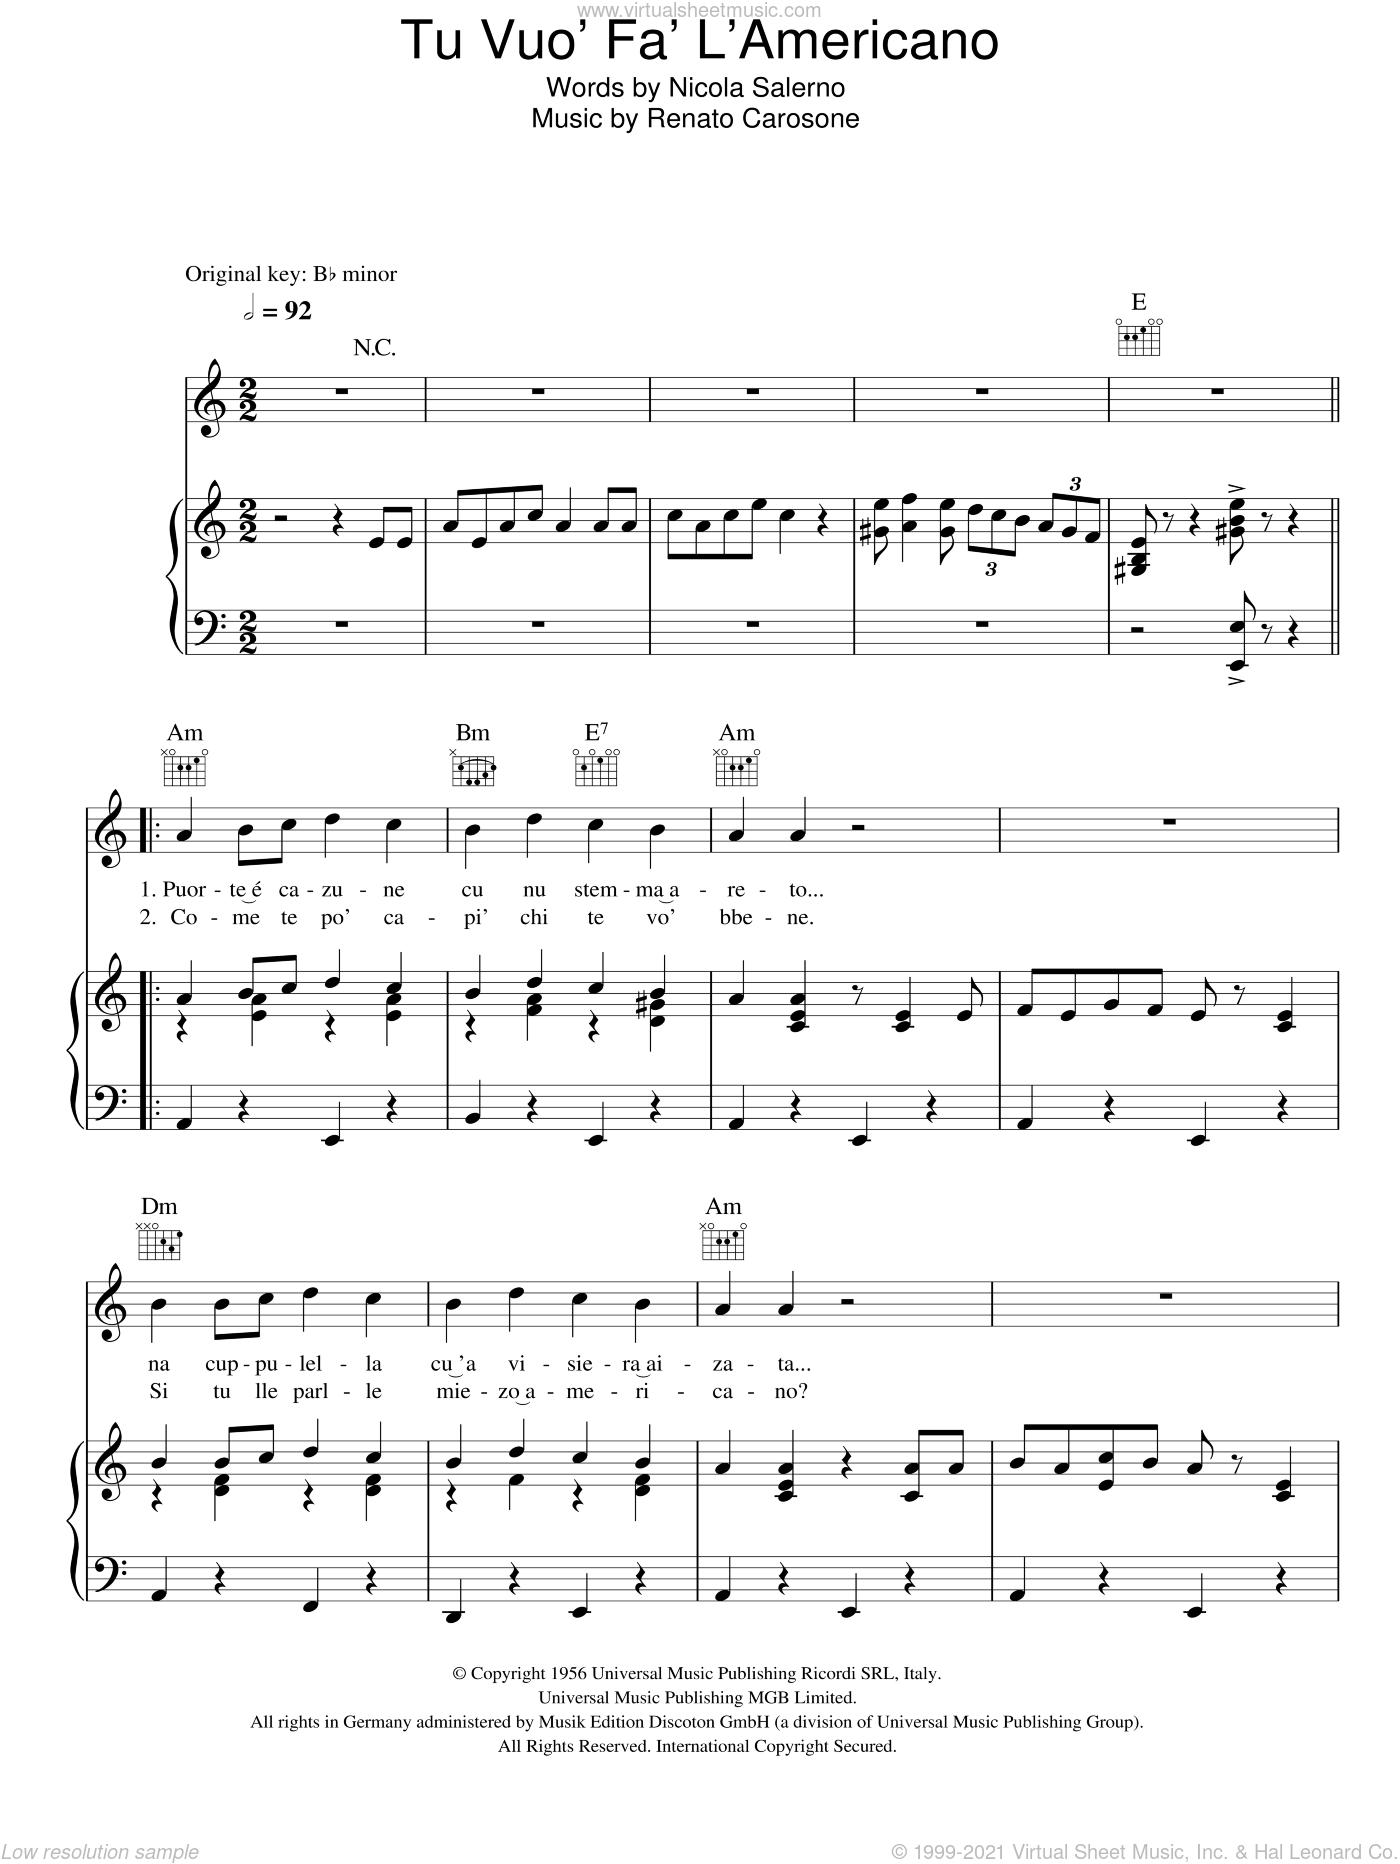 Tu Vuo Fa L'Americano sheet music for voice, piano or guitar by Renato Carosone and Nicola Salerno, intermediate skill level